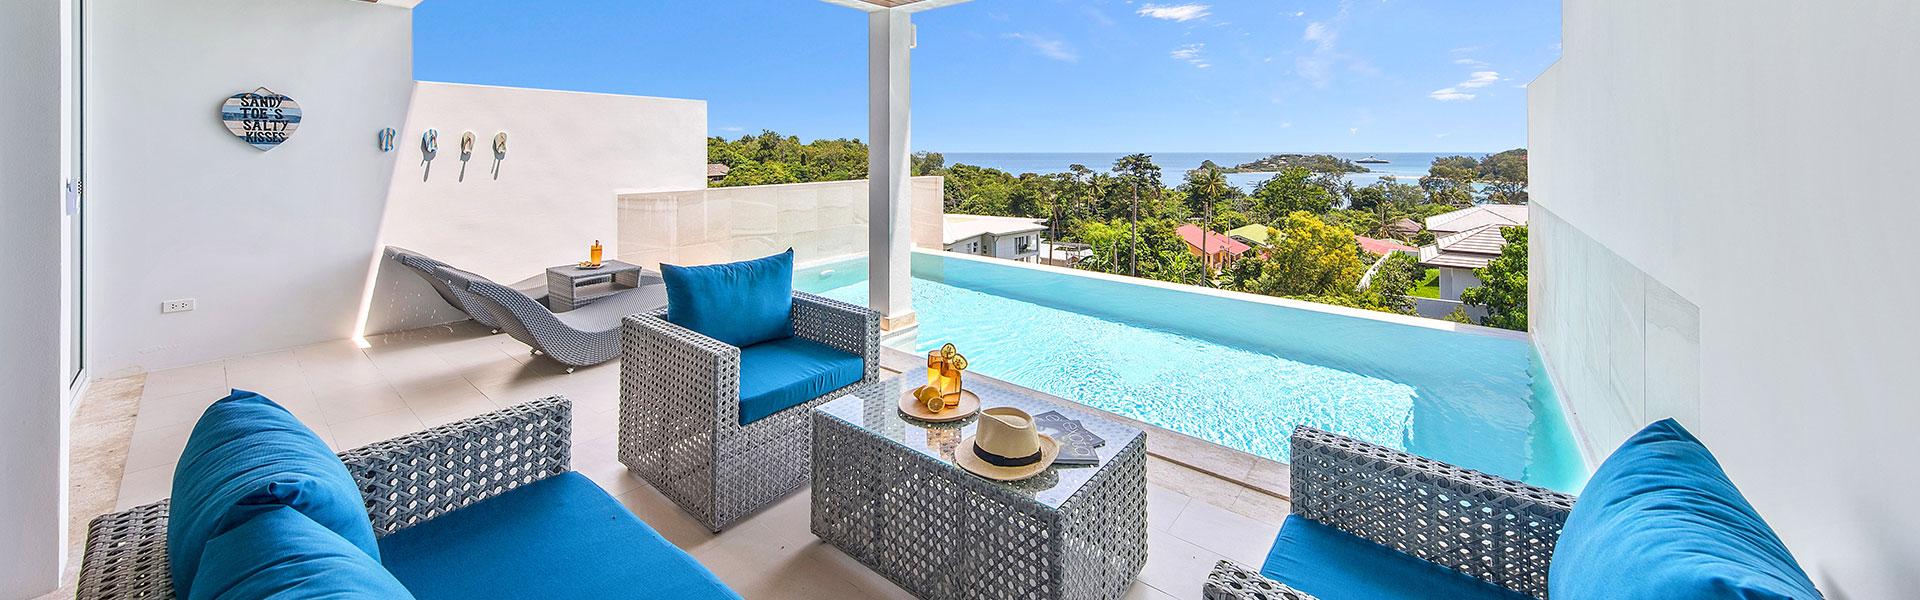 New villas for sale